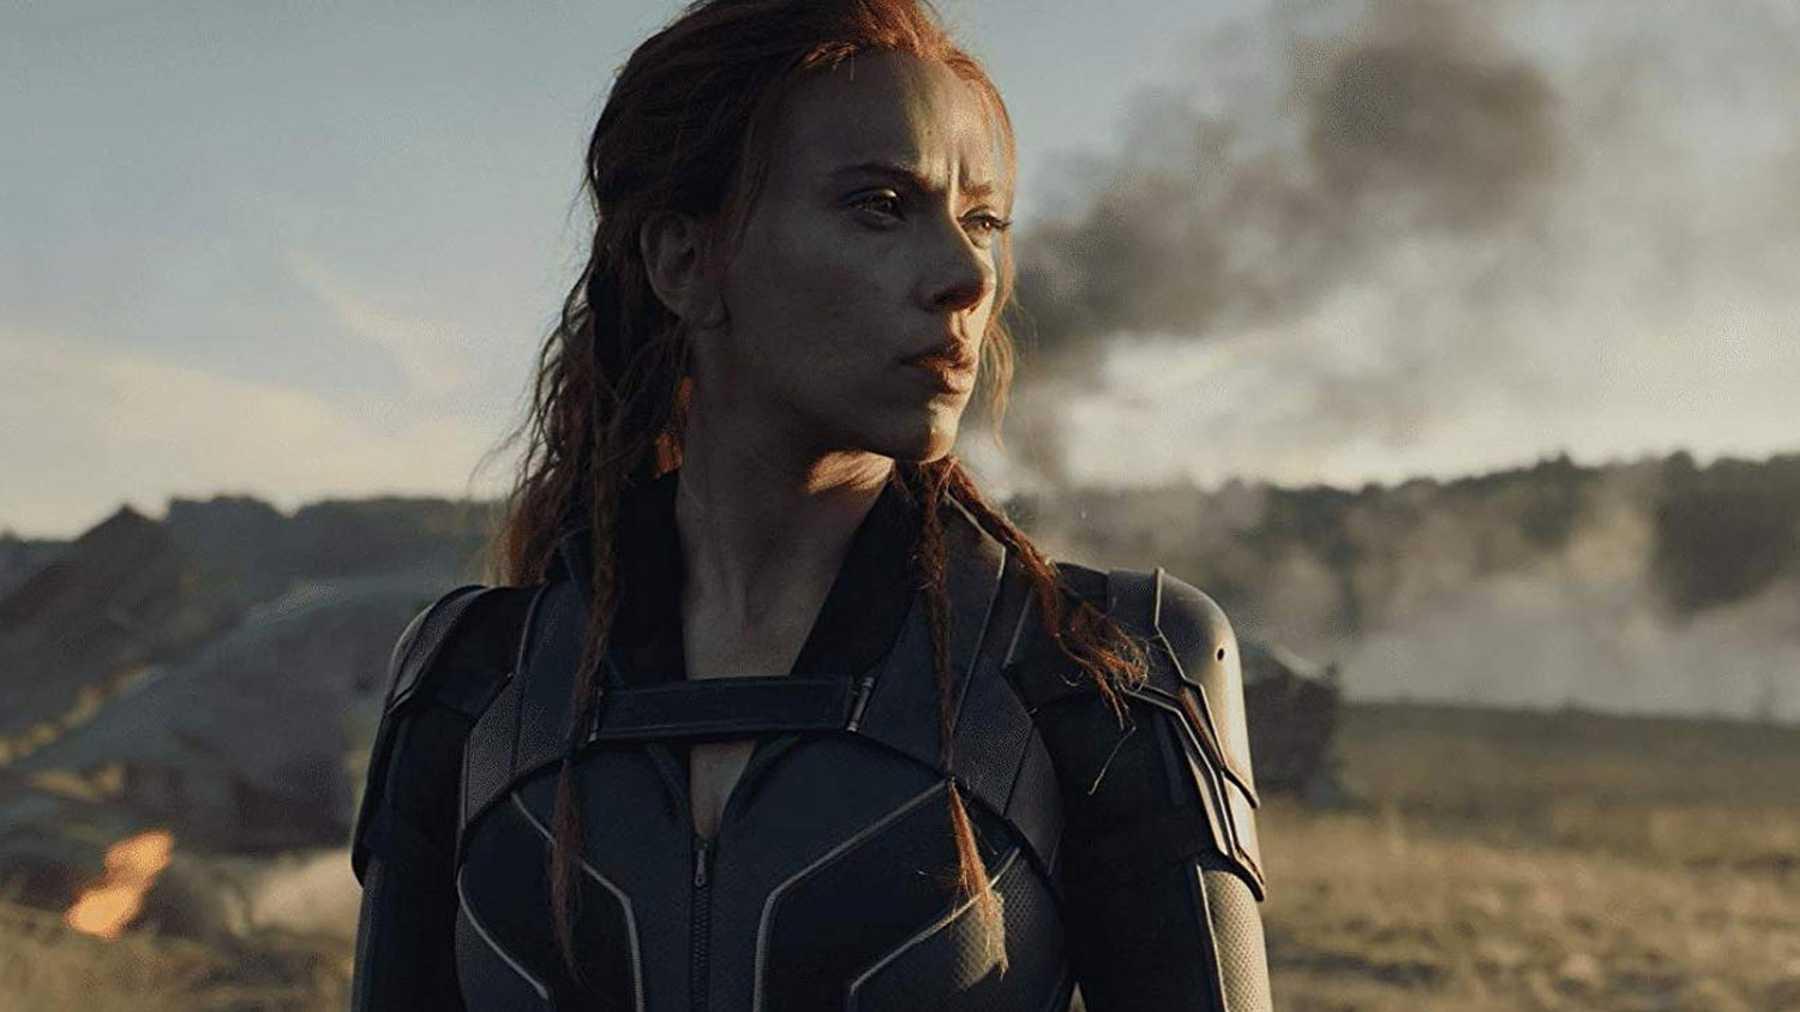 Black Widow, Avengers: Endgame'deki eksikliği giderecek   Independent Türkçe